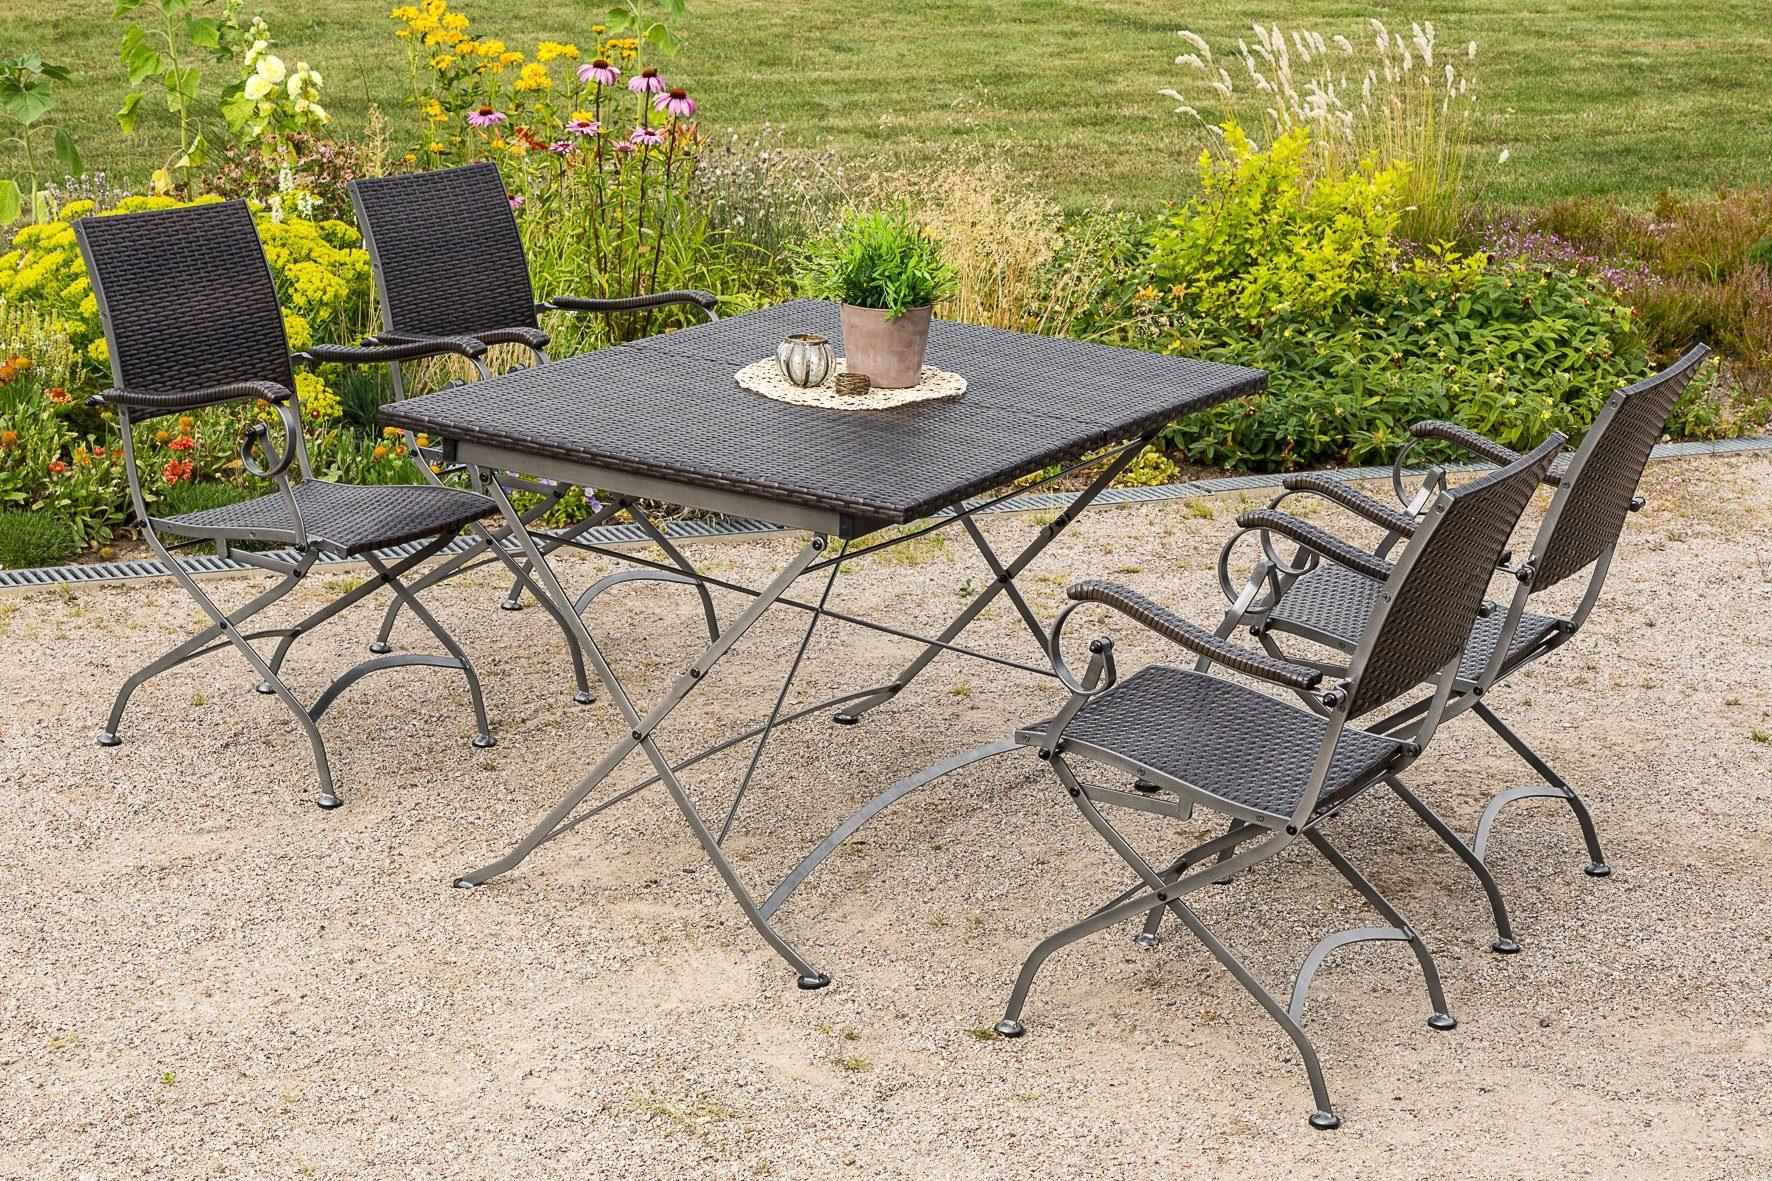 MERXX Gartenmöbelset »Sanssouci«, 5tlg., 4 Sessel, Tisch, klappbar, ausziehbar, Polyrattan